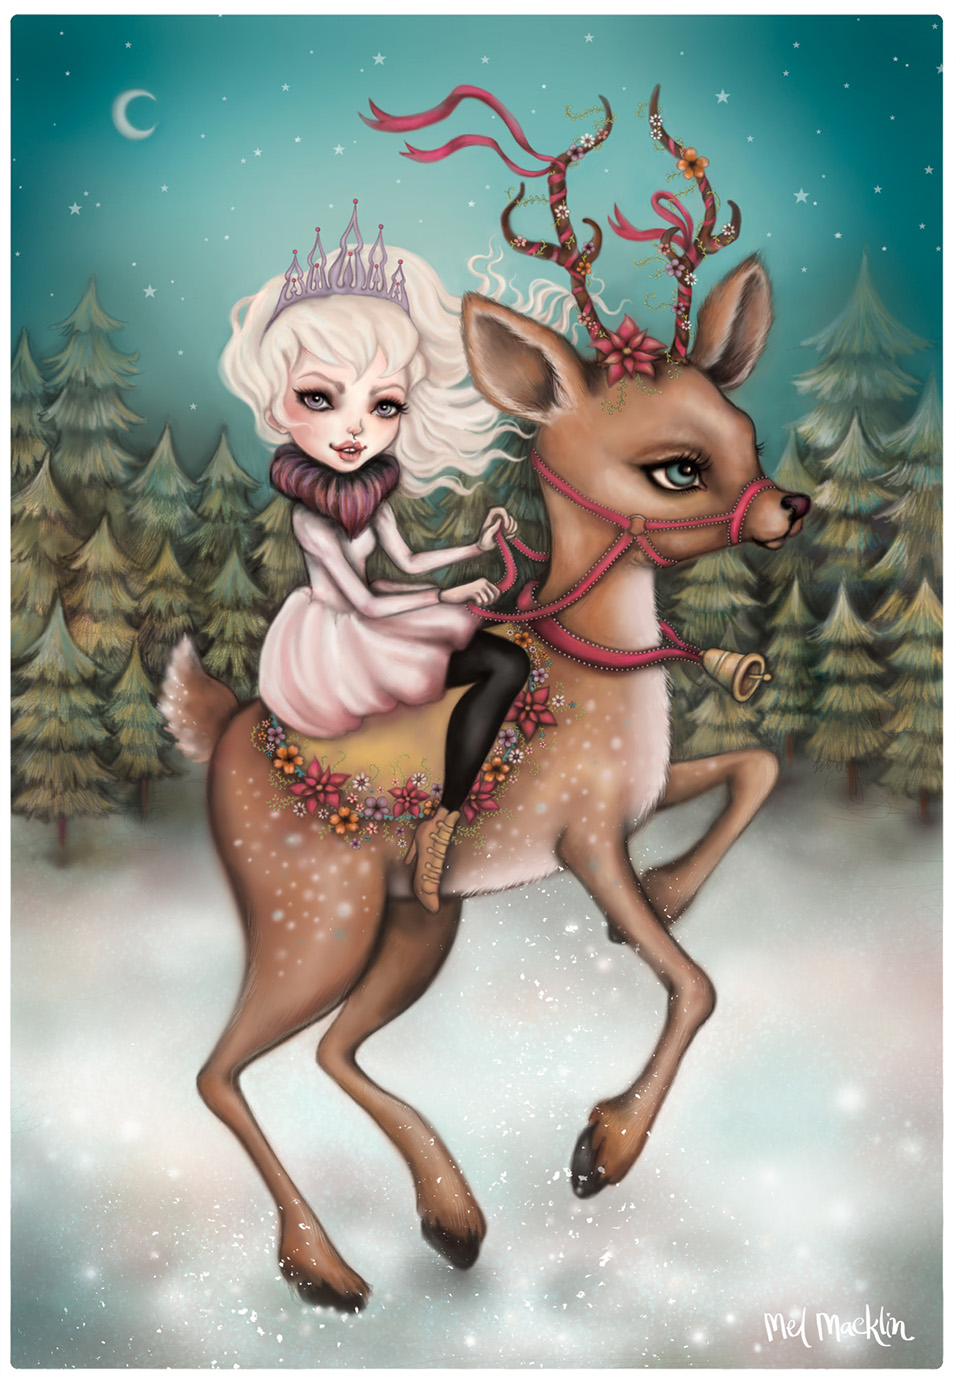 Of Fir Trees and Little Queens by Mel Macklin